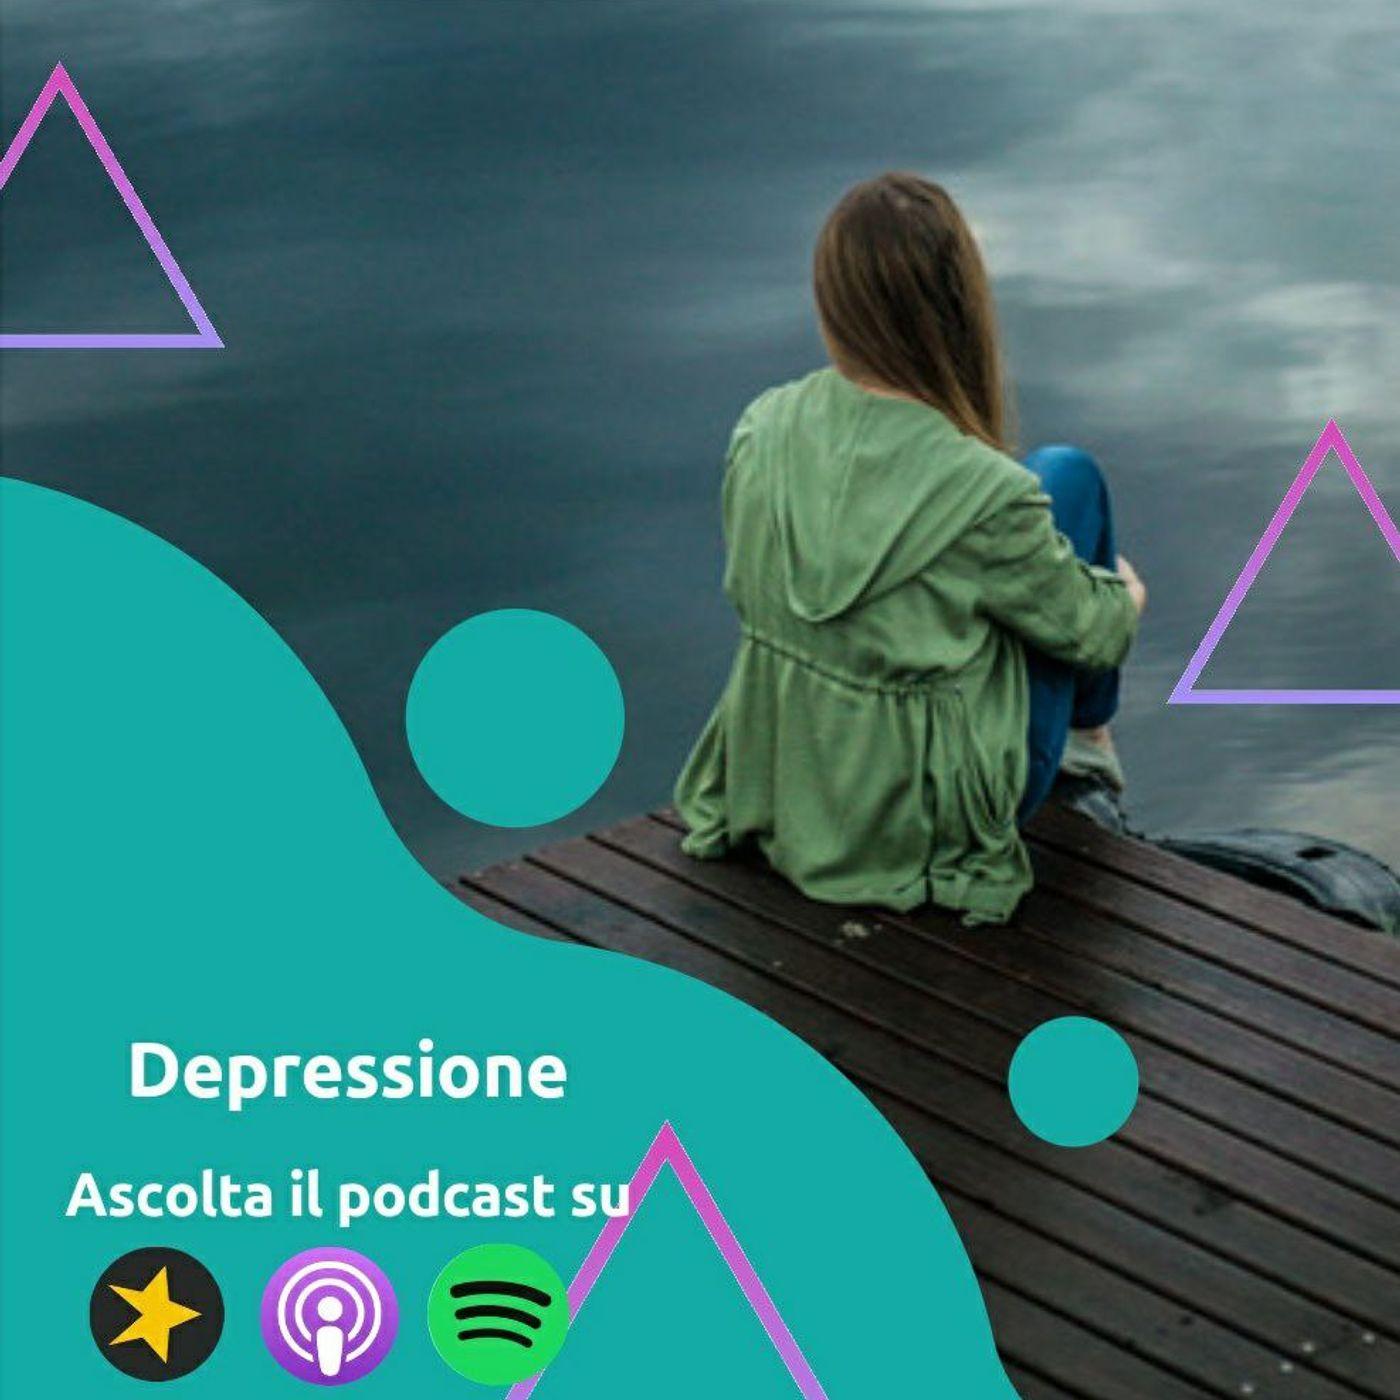 Depressione: Come riconoscerla e cosa fare